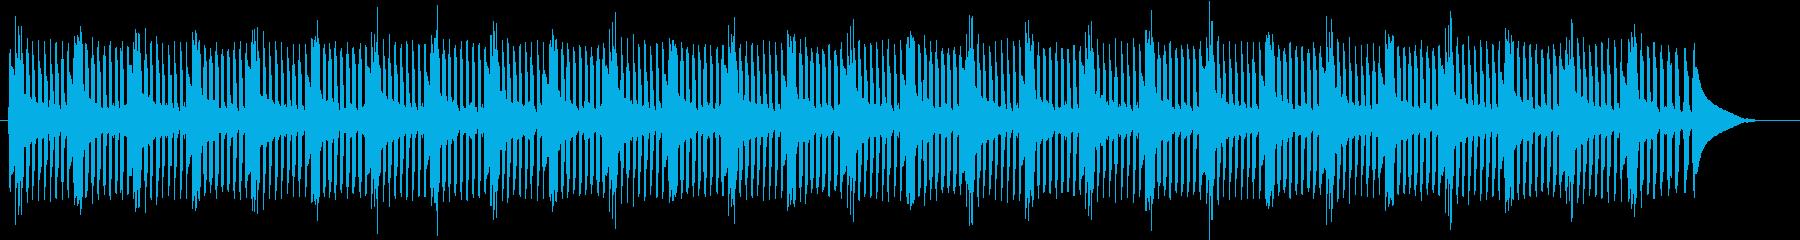 中世 ドラキュラ ゾンビ 城 チェンバロの再生済みの波形